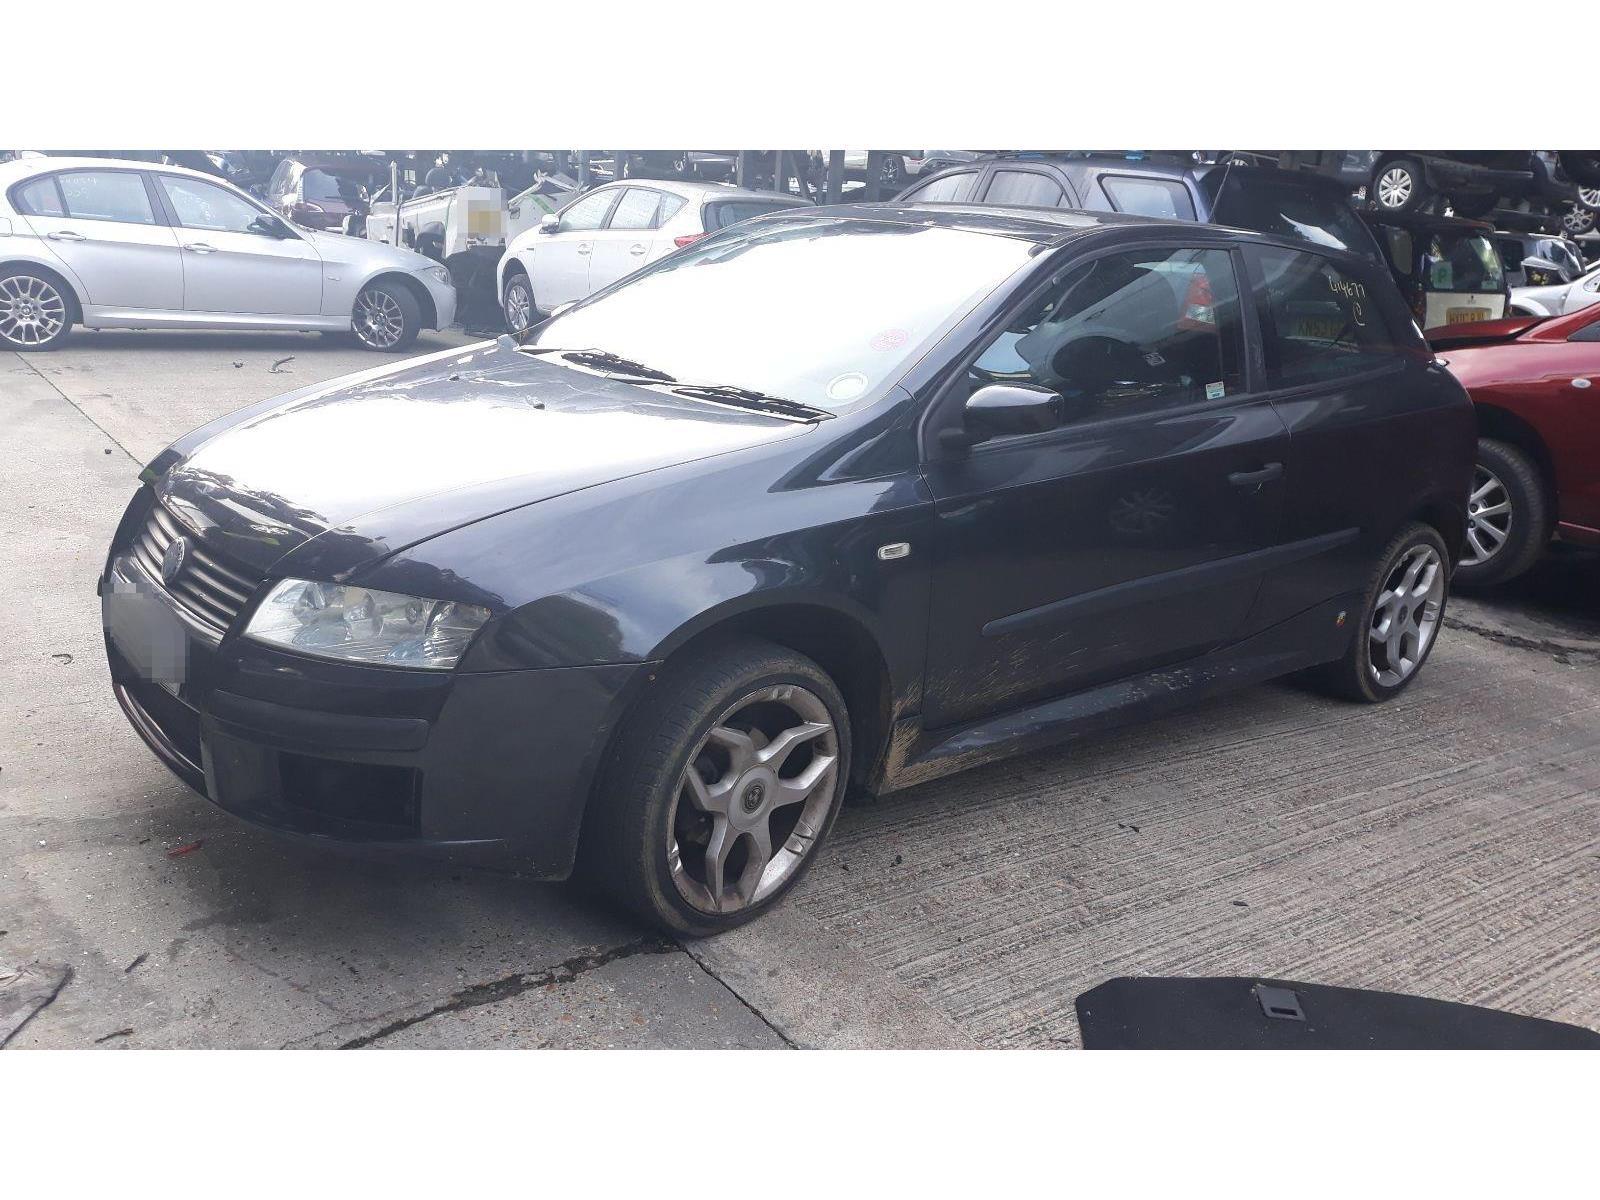 Fiat Stilo 2001 To 2007 Active Sport 16v 3 Door Hatchback Scrap Fuse Box For Ulysse